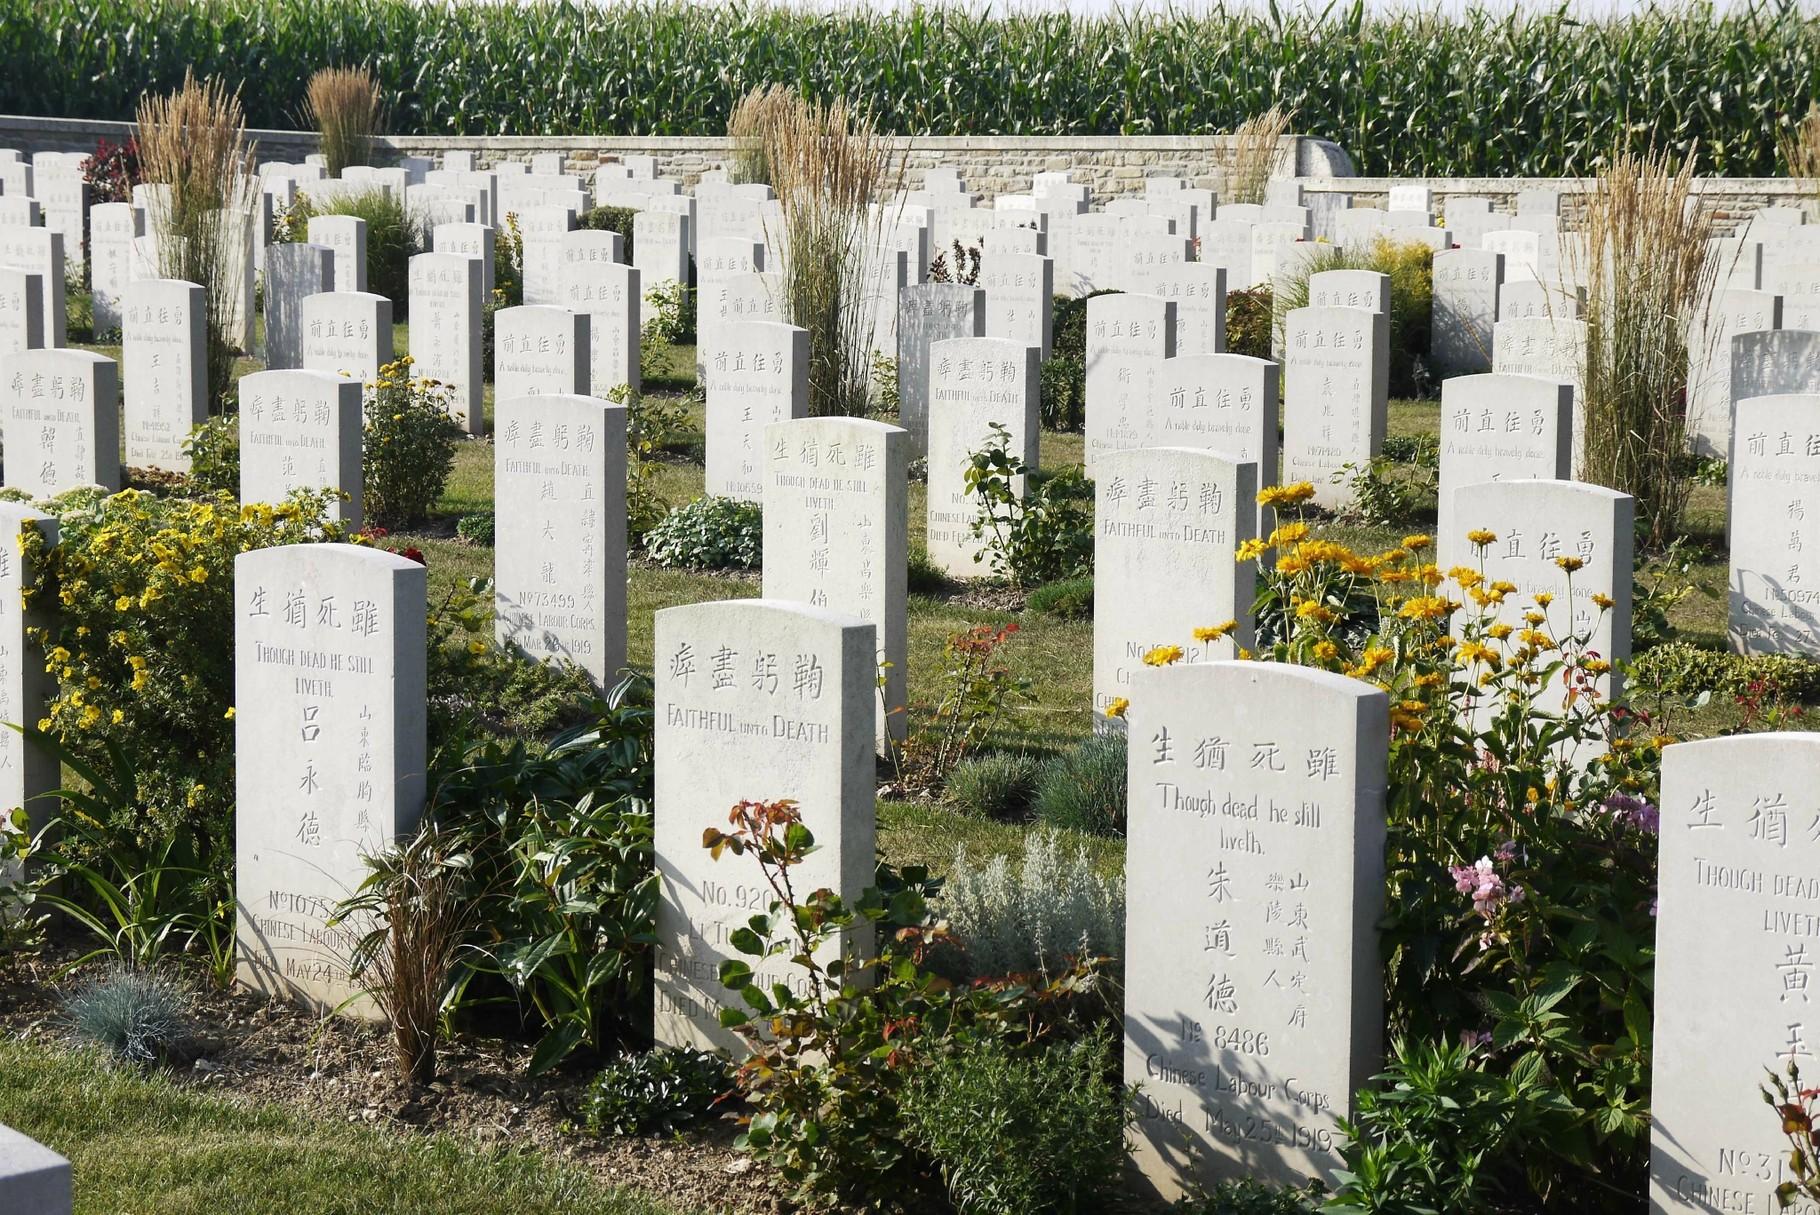 法国索姆湾的中国劳工墓地 (Cimetière chinois de Nolette)